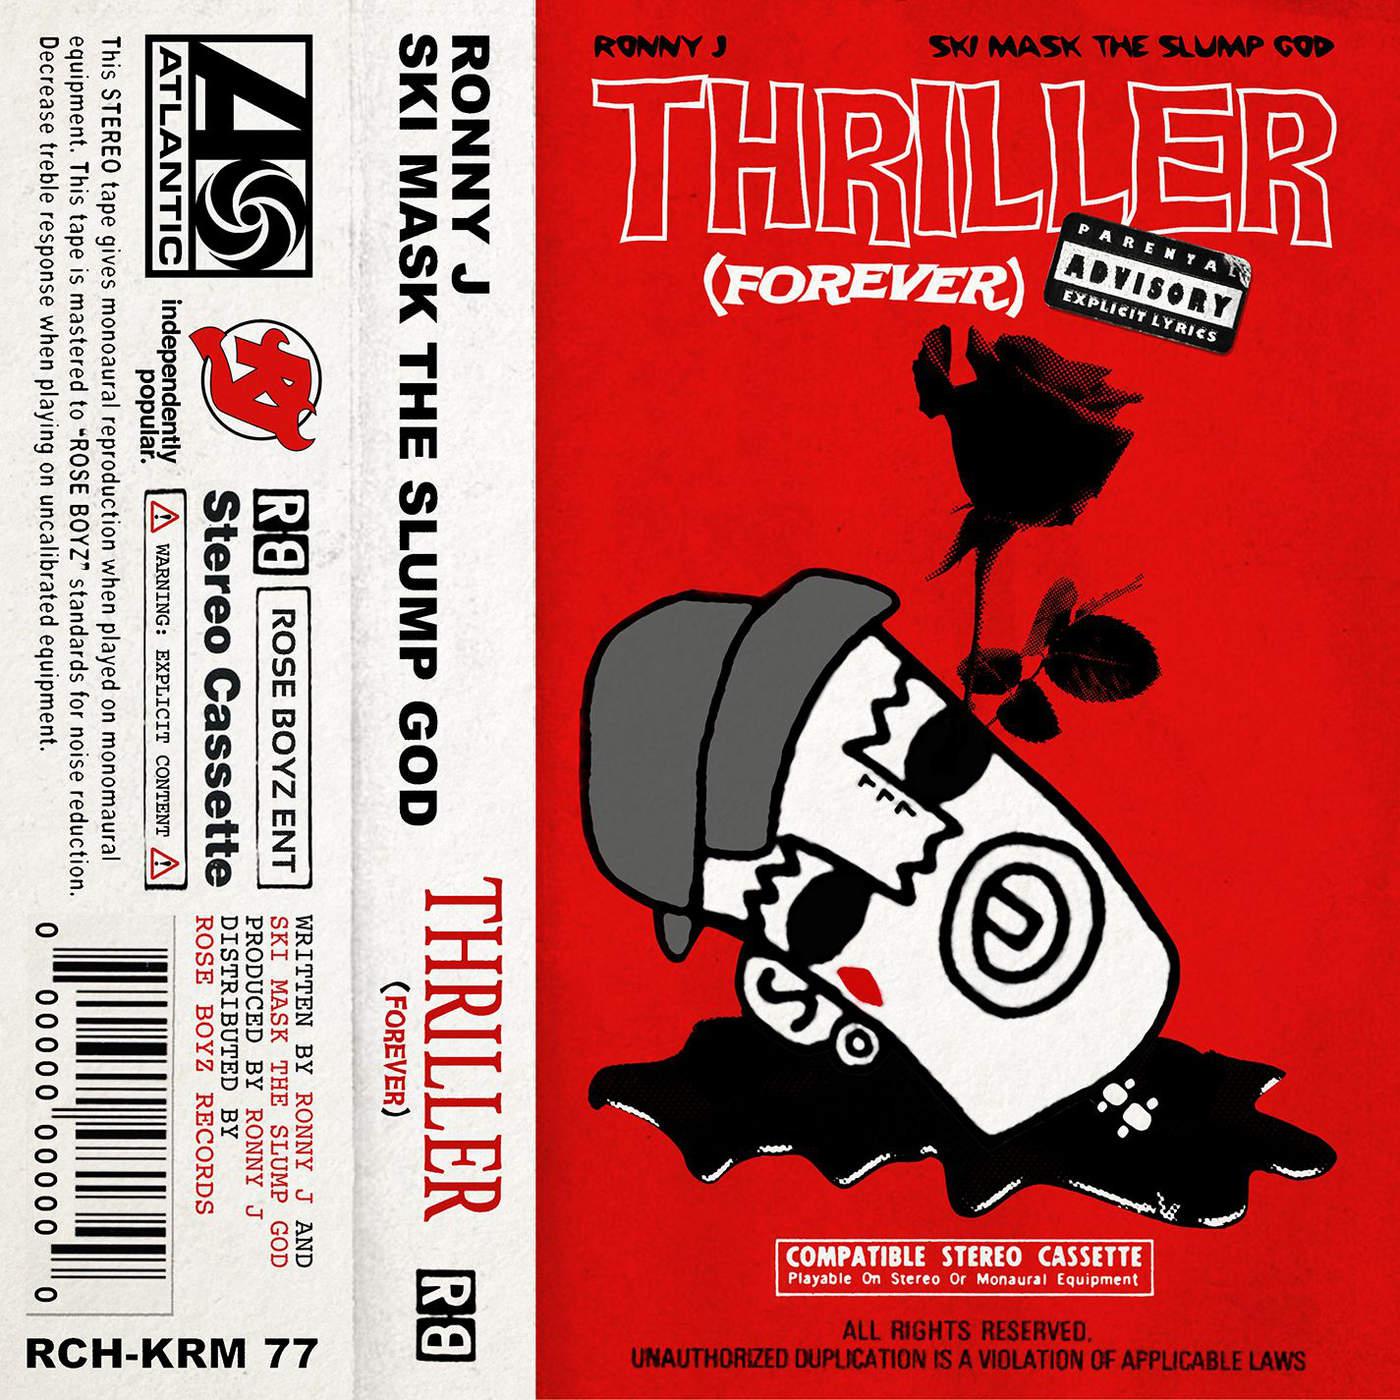 Ronny J - Thriller (Forever) - Single Cover